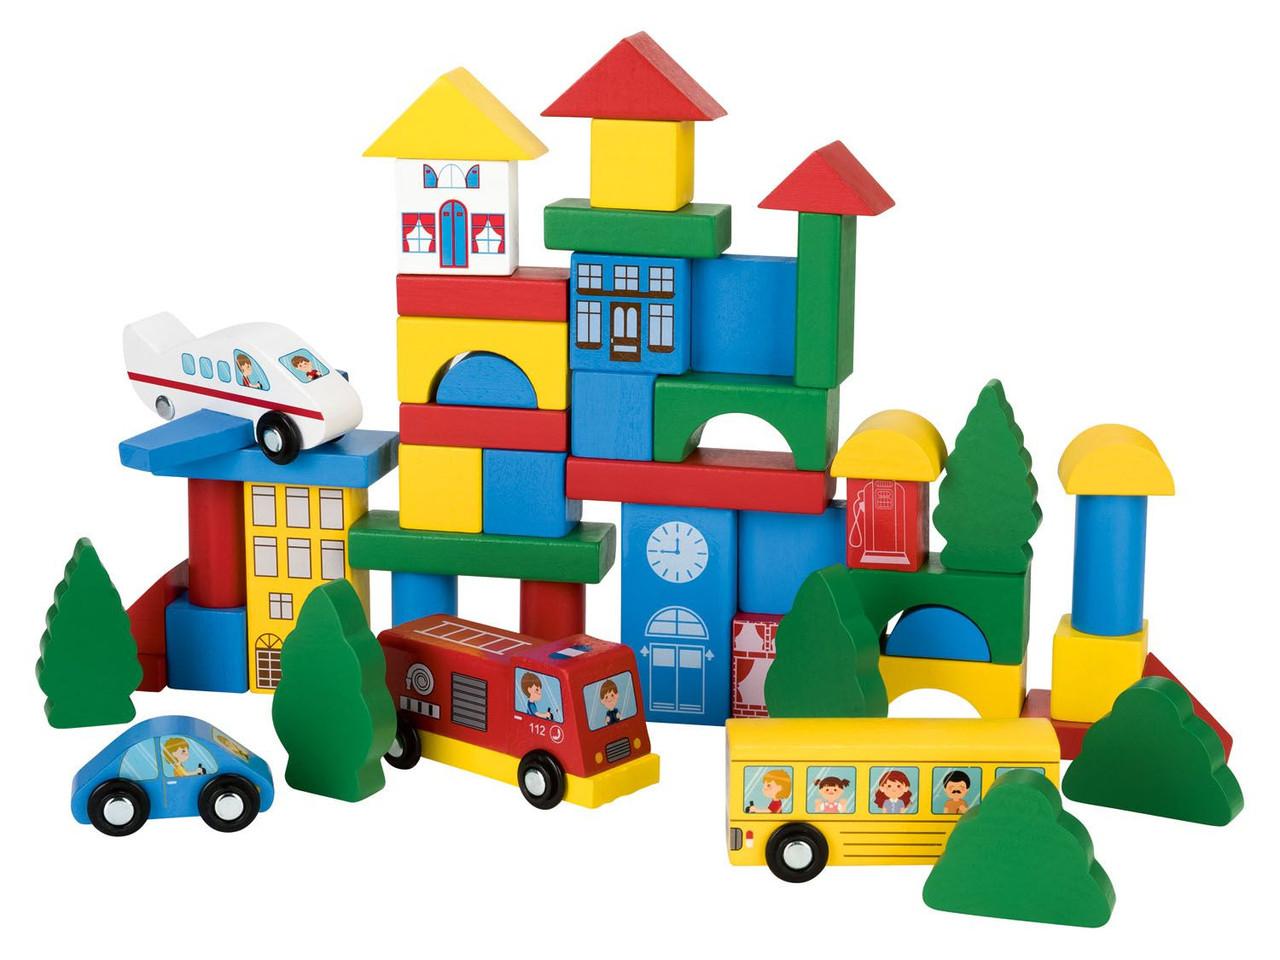 Сортер деревянный конструктор Play tive разноцветный город 50 элементов в ведерке